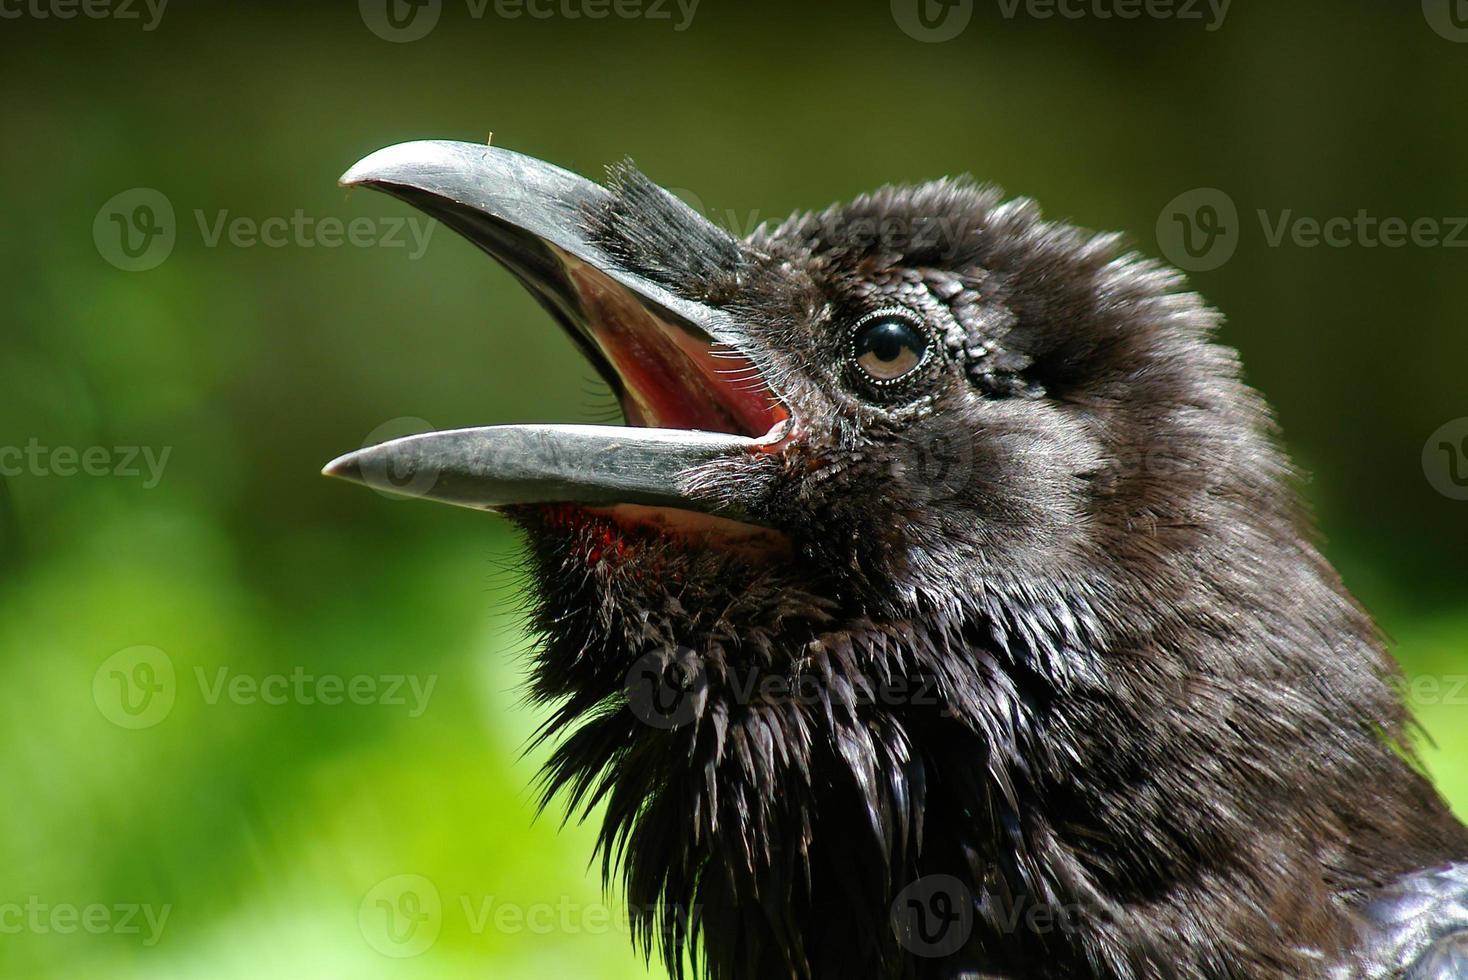 cabeza de cuervo sobre fondo verde foto